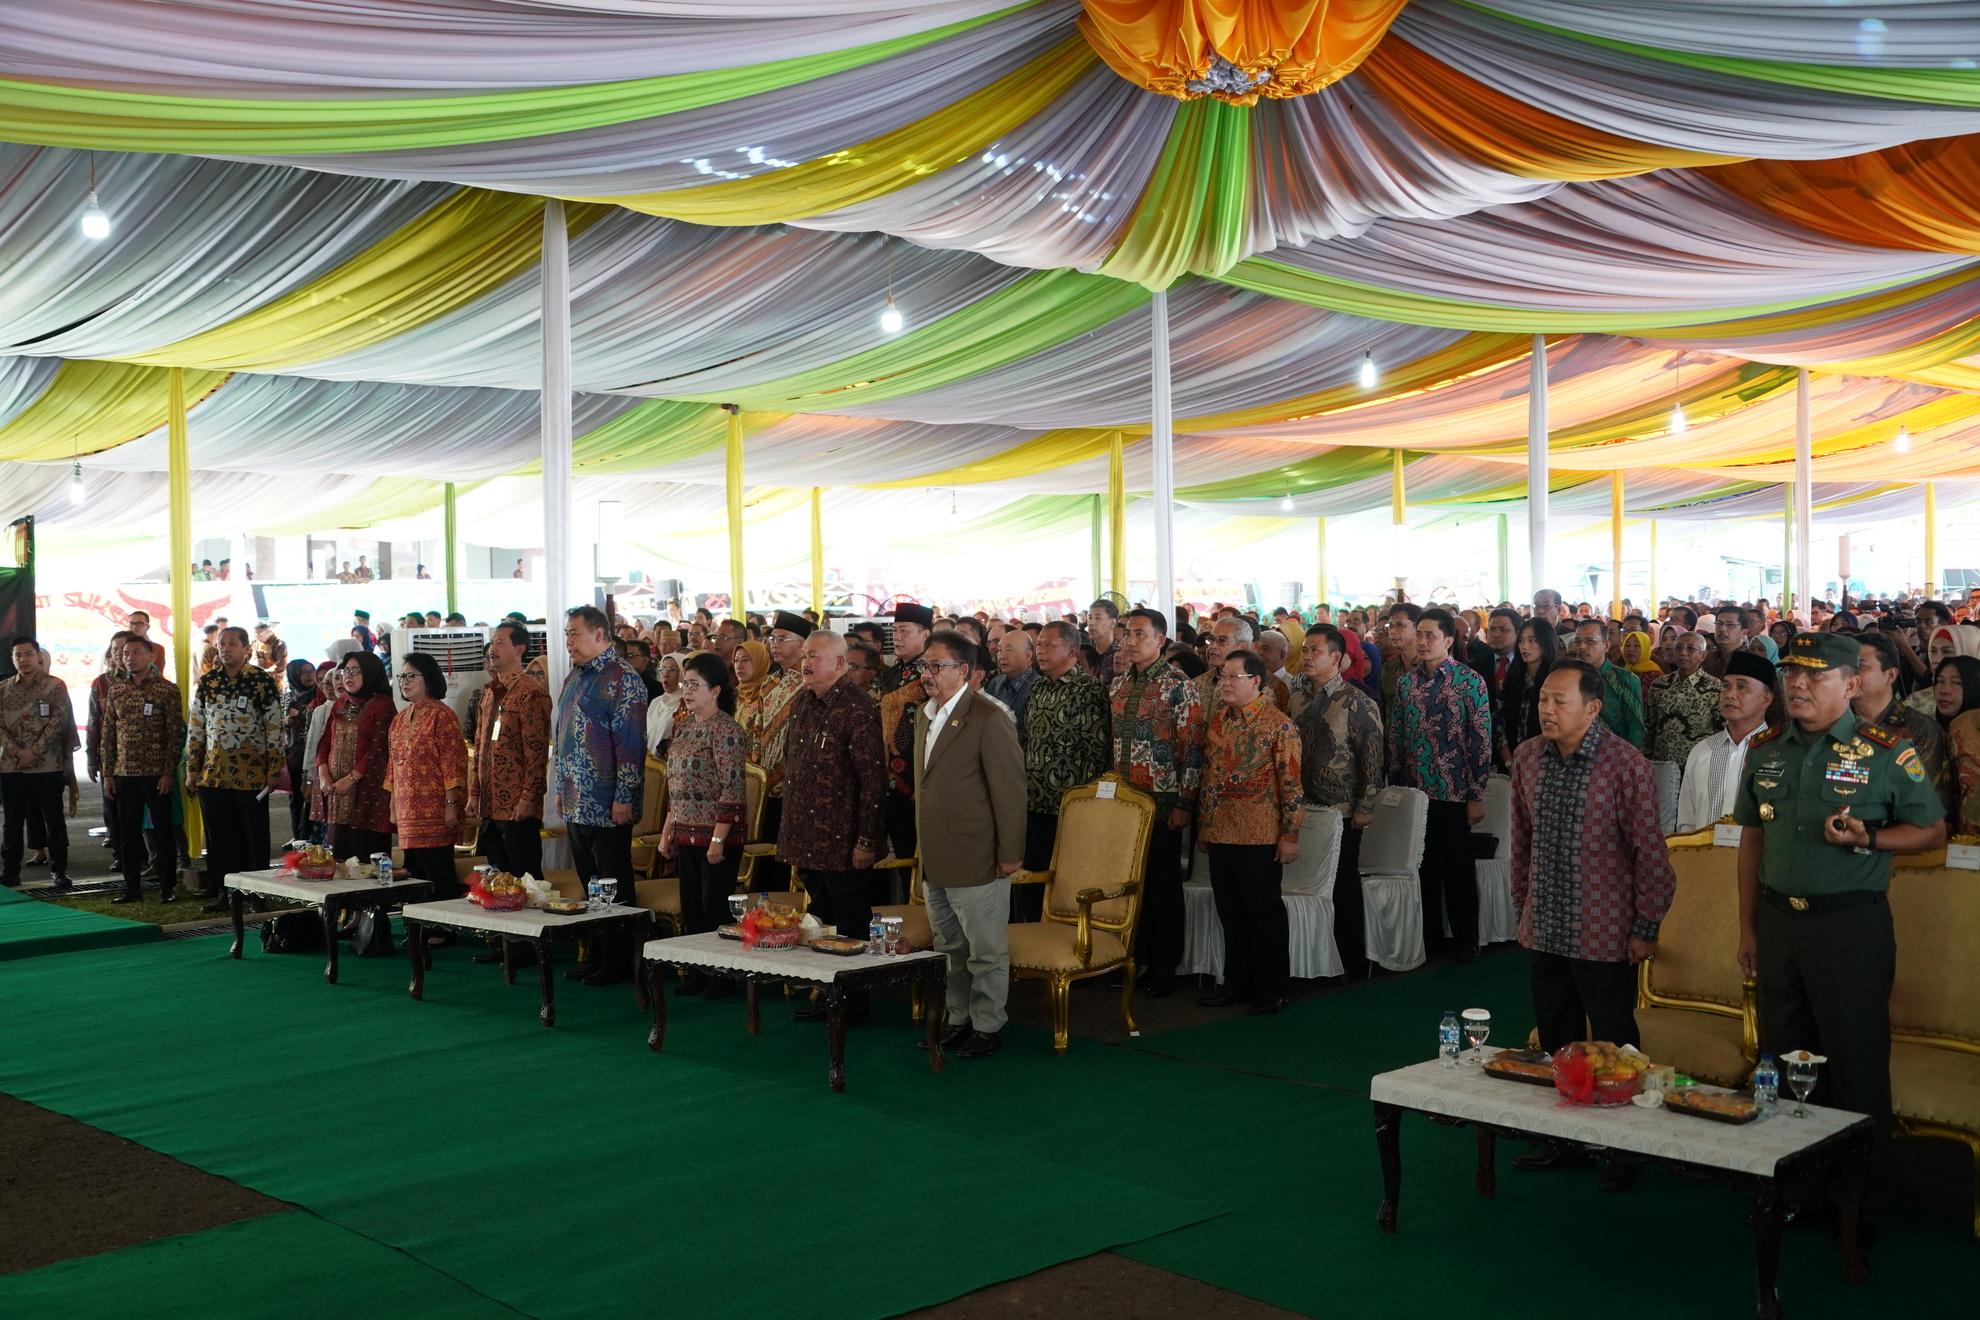 23-6-2018-menyanyikan-lagu-indonesia-raya-pd-peresmian-rsud-provinsi-sumatera-selatan-1